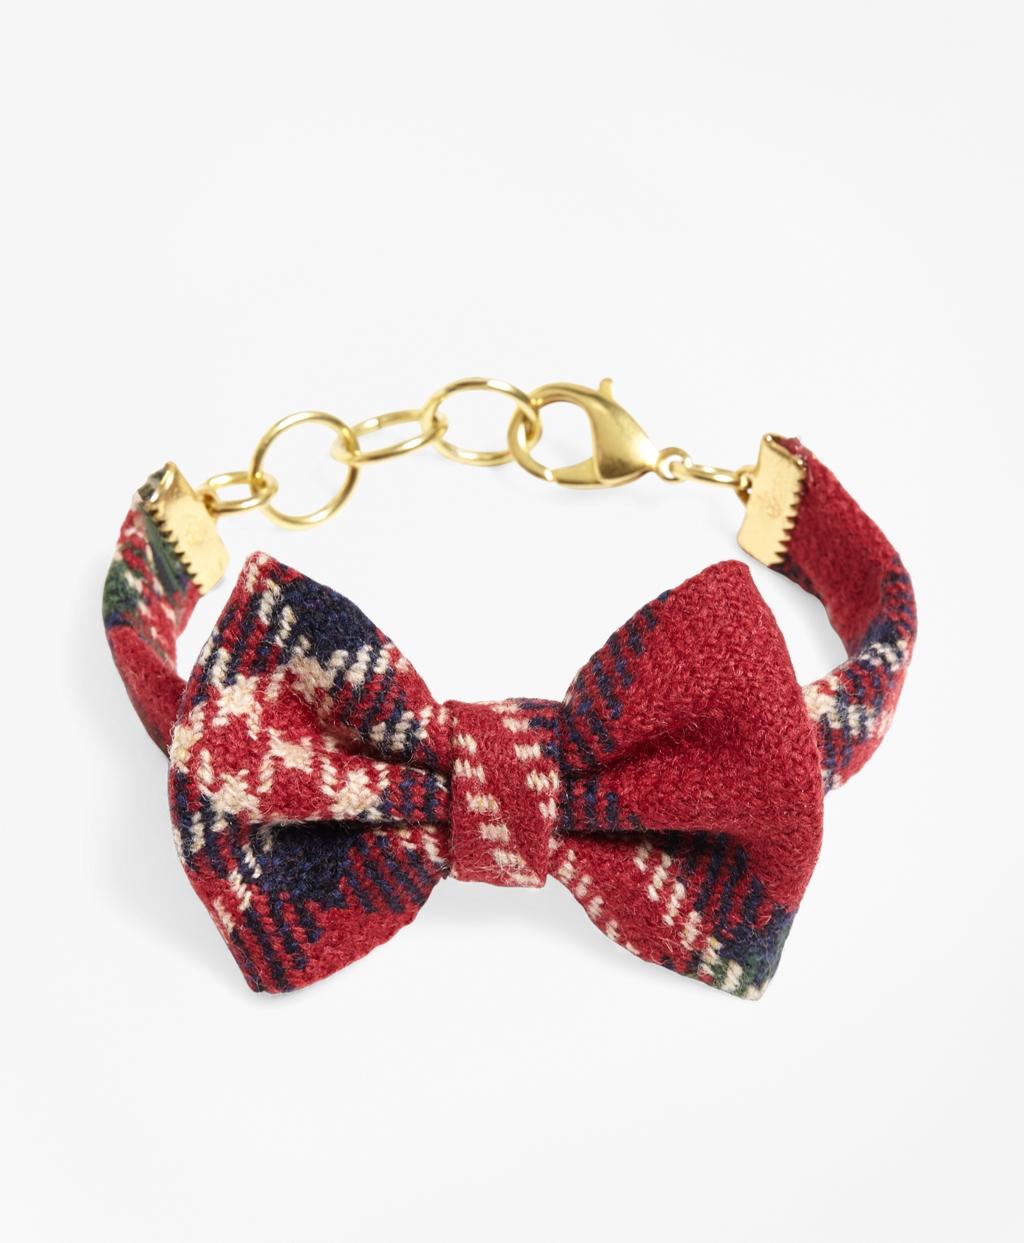 Bow Tie Bracelet Bow Tie Bracelet Red